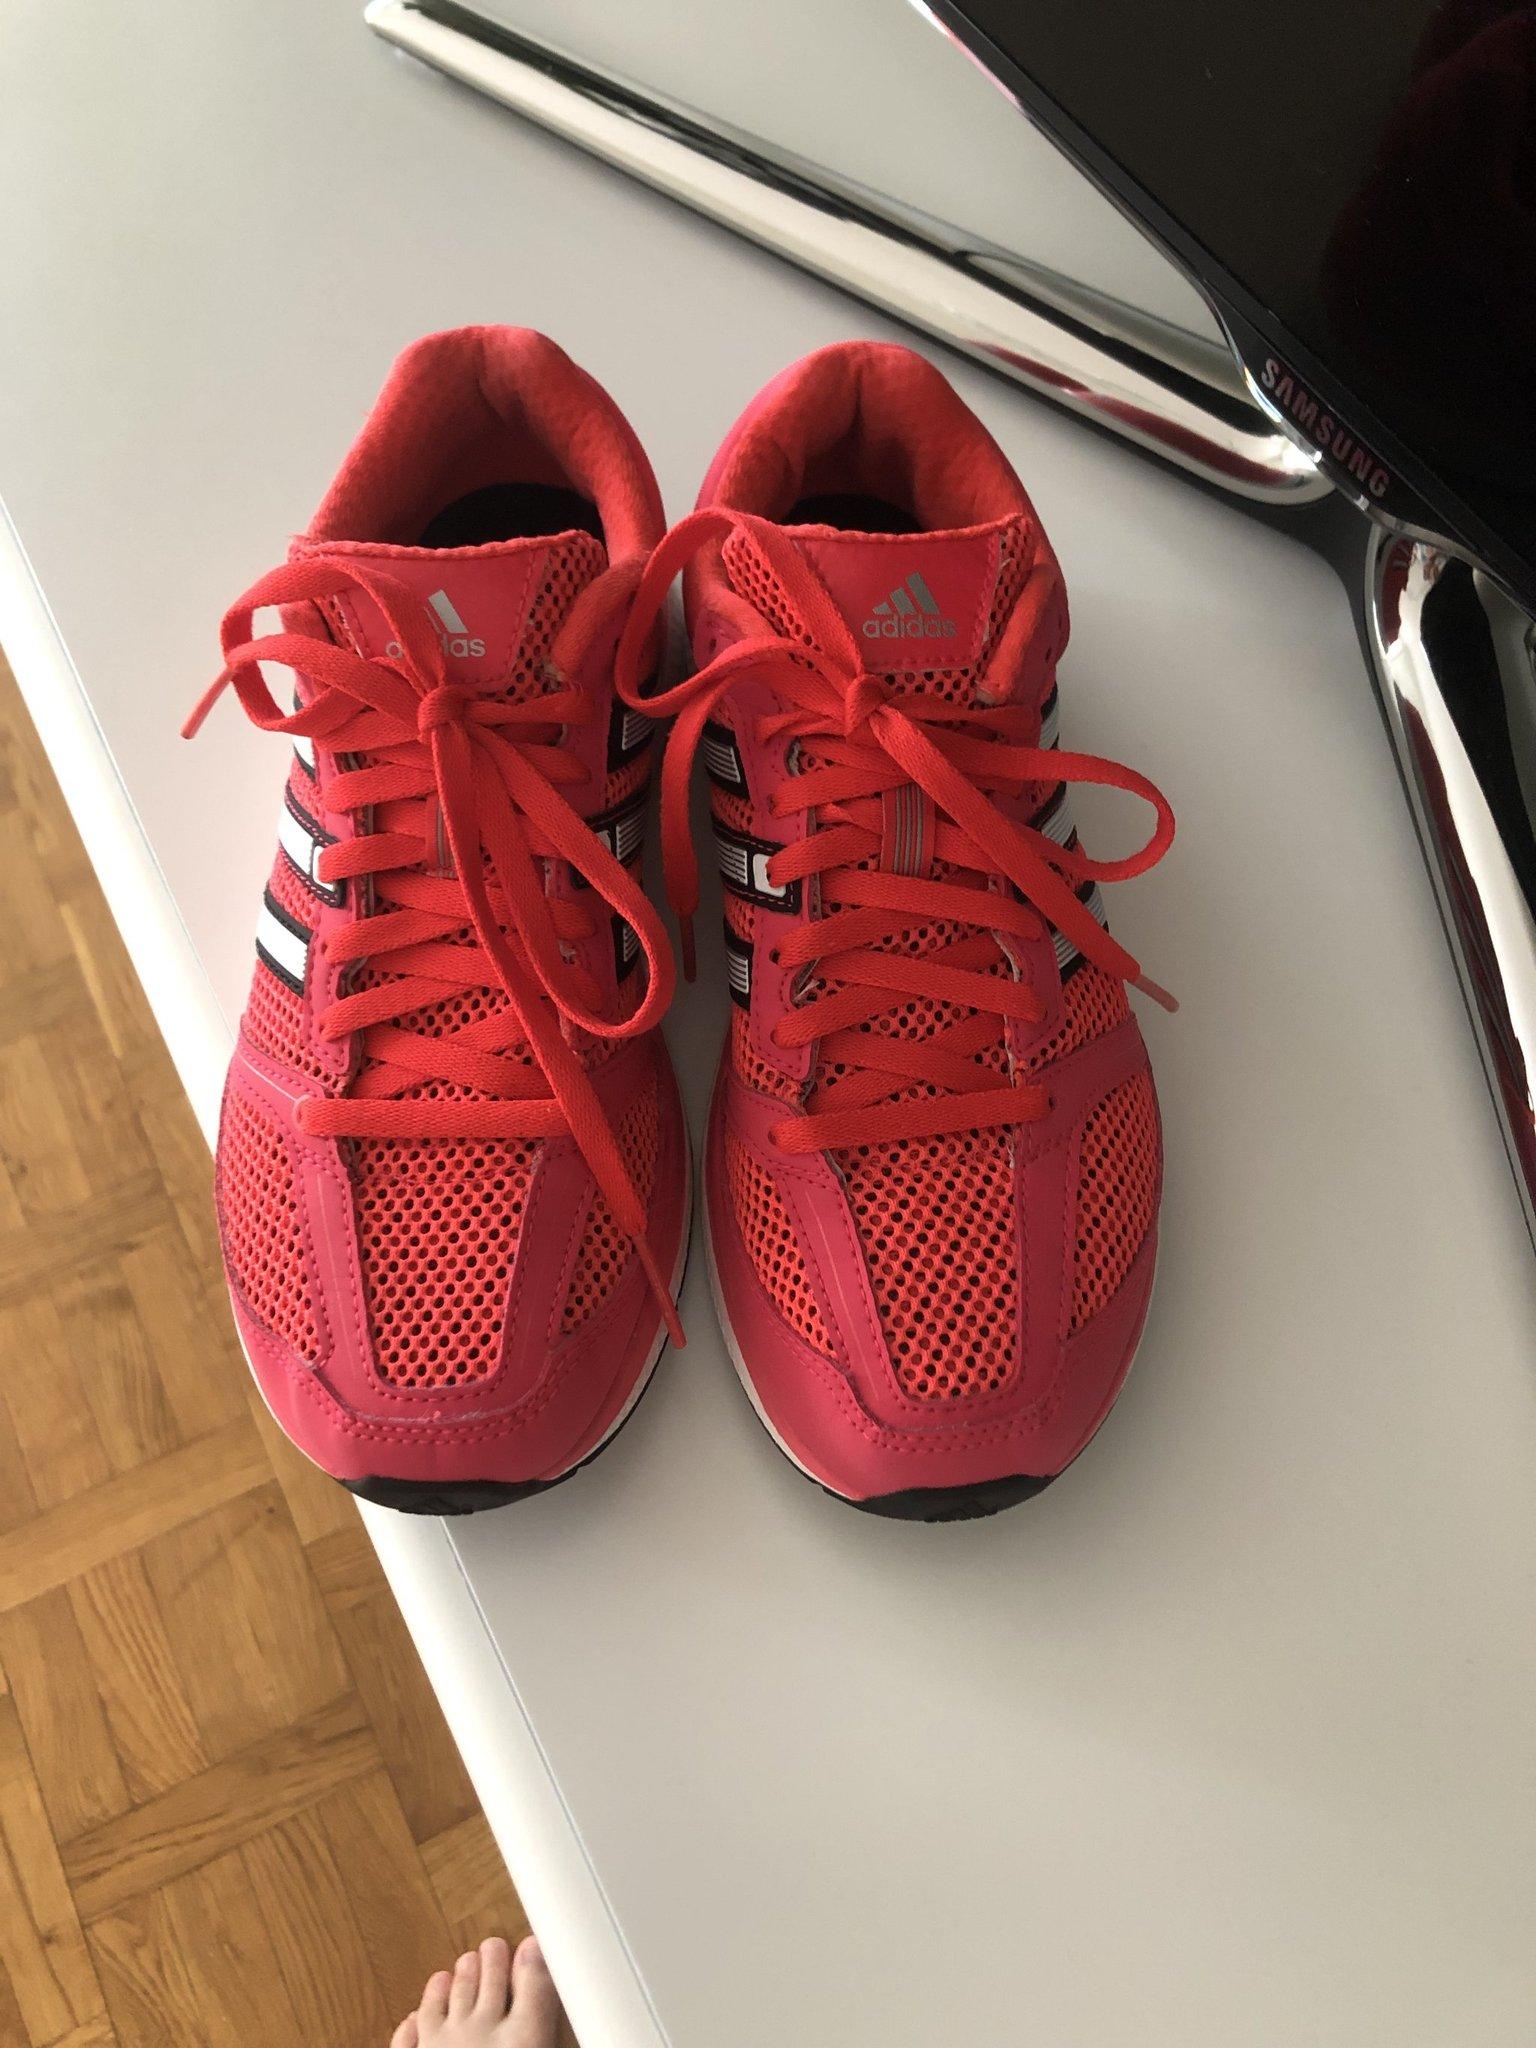 f4d48f1b Adidas skor st.36 (356847287) ᐈ Köp på Tradera